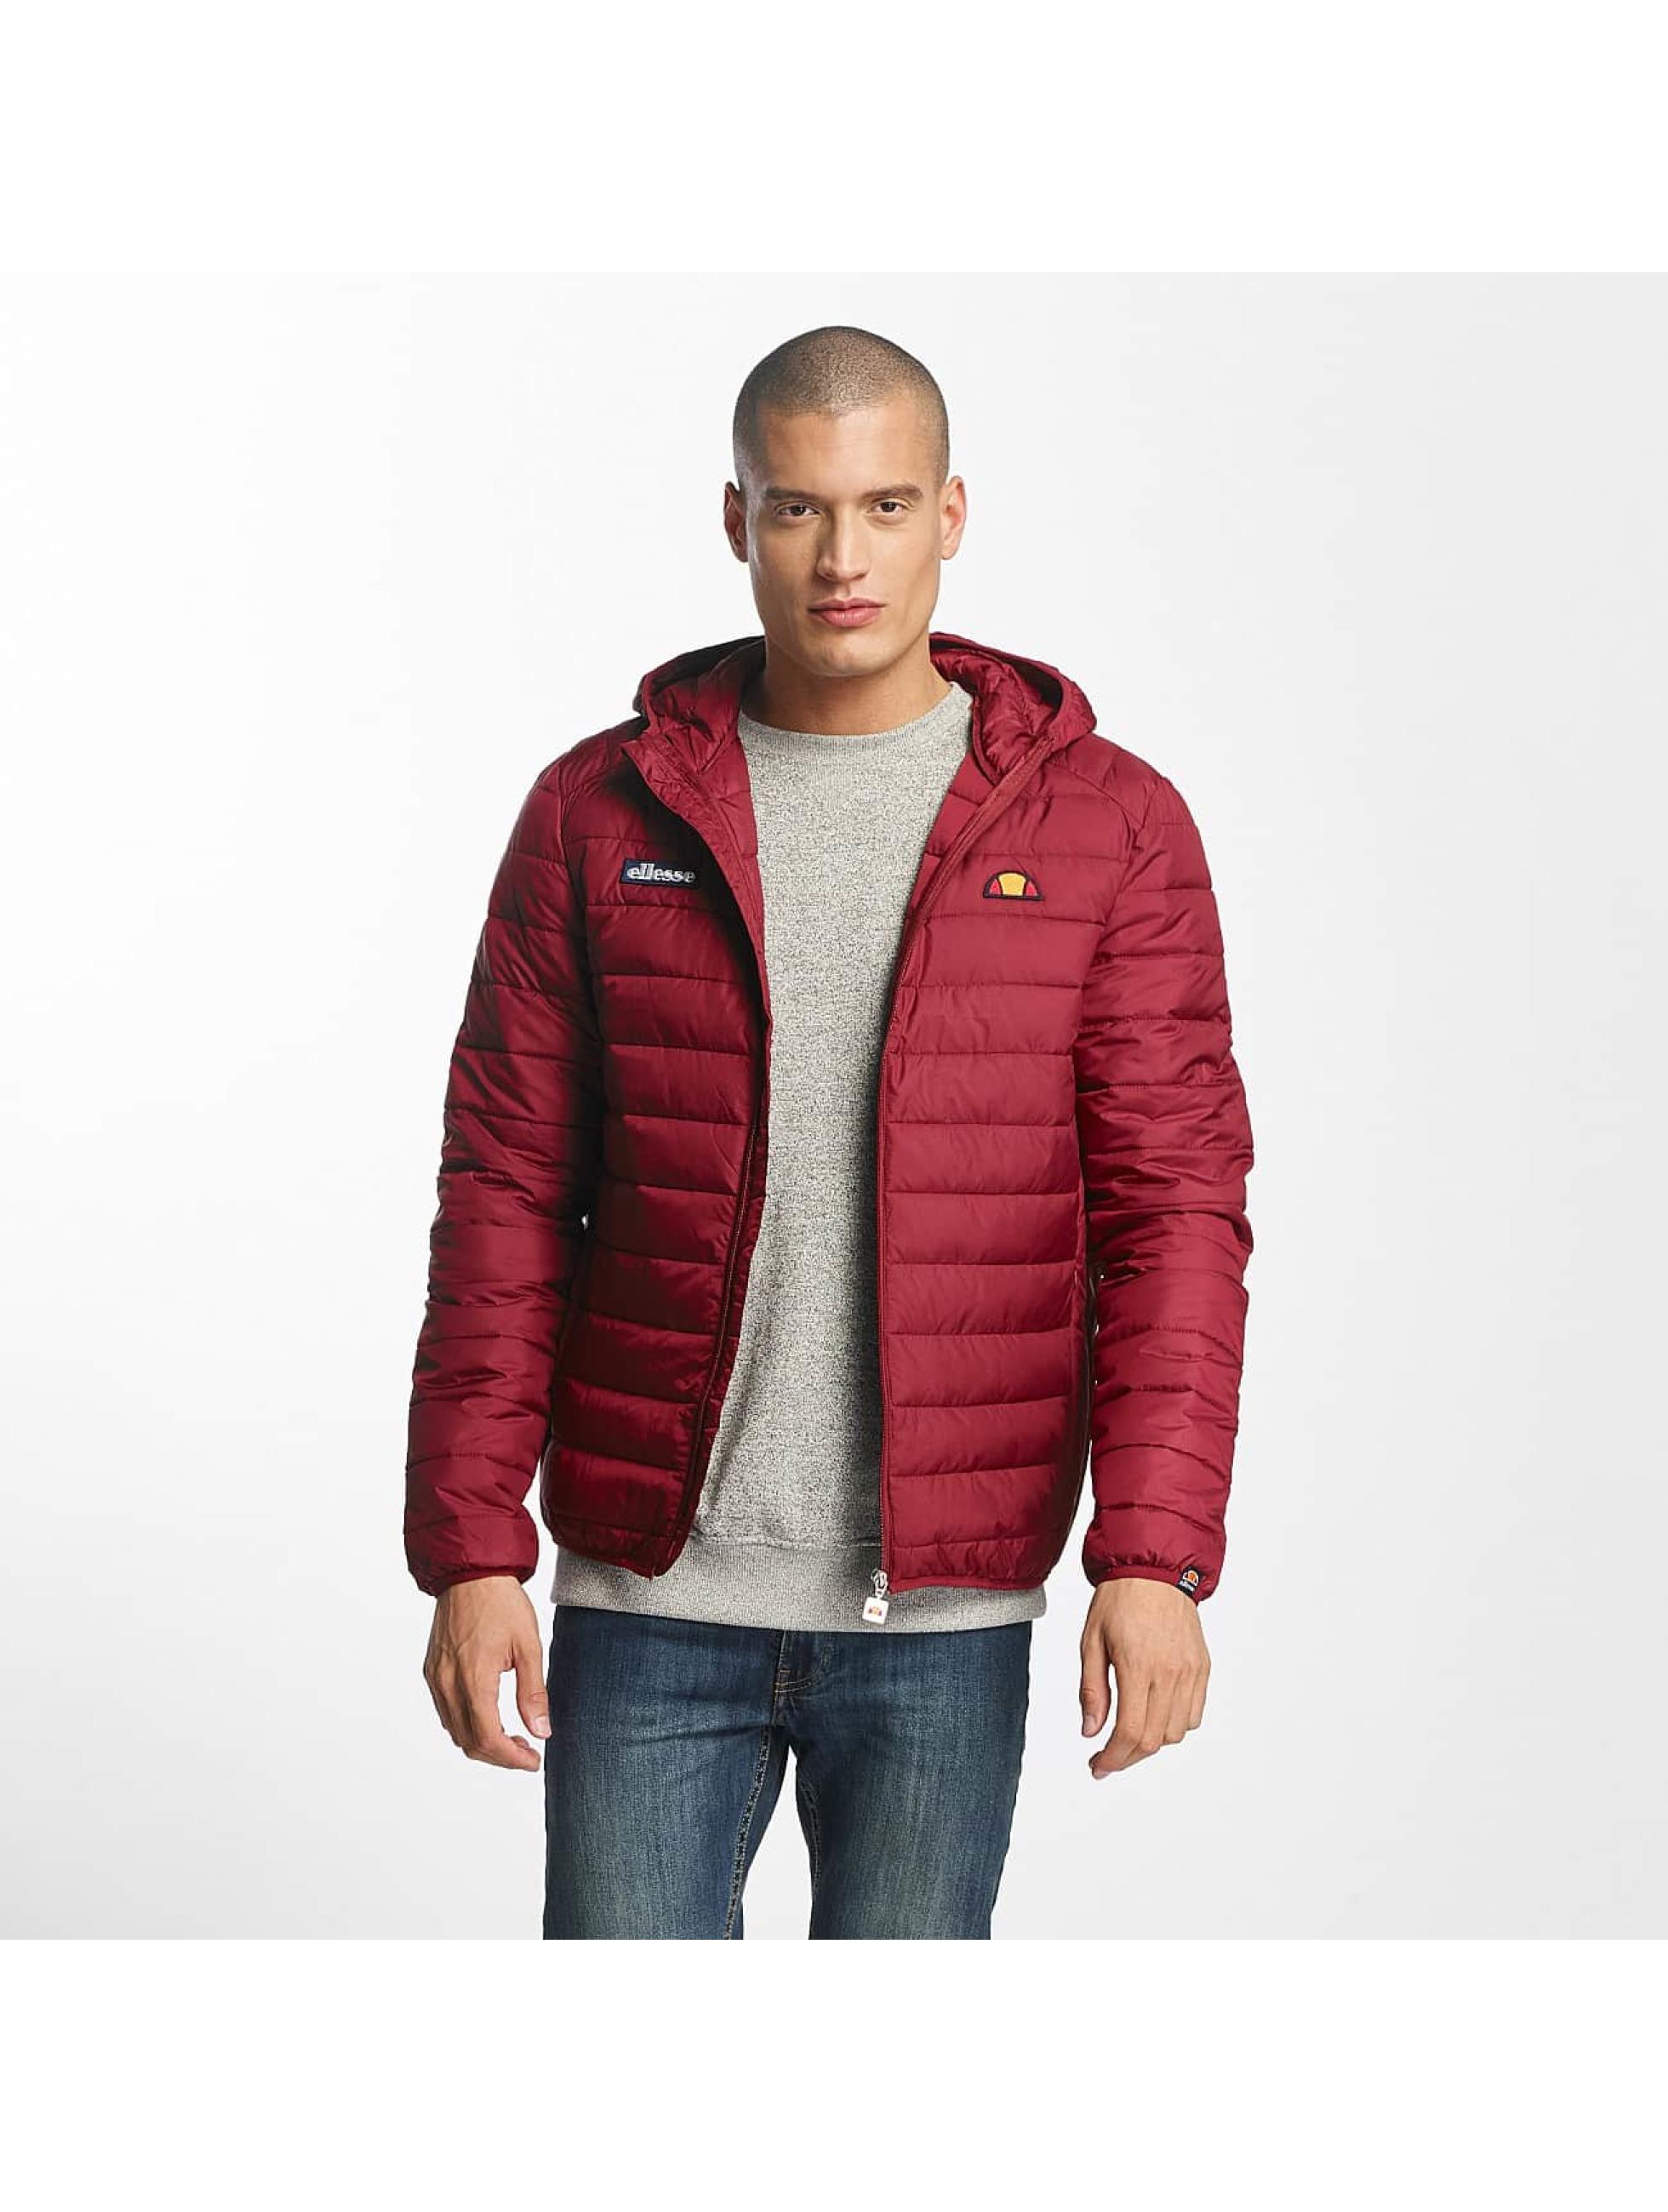 meilleur authentique styles de mode plutôt sympa veste ellesse,Ellesse Homme Caprini Panel Tracktop Veste ...